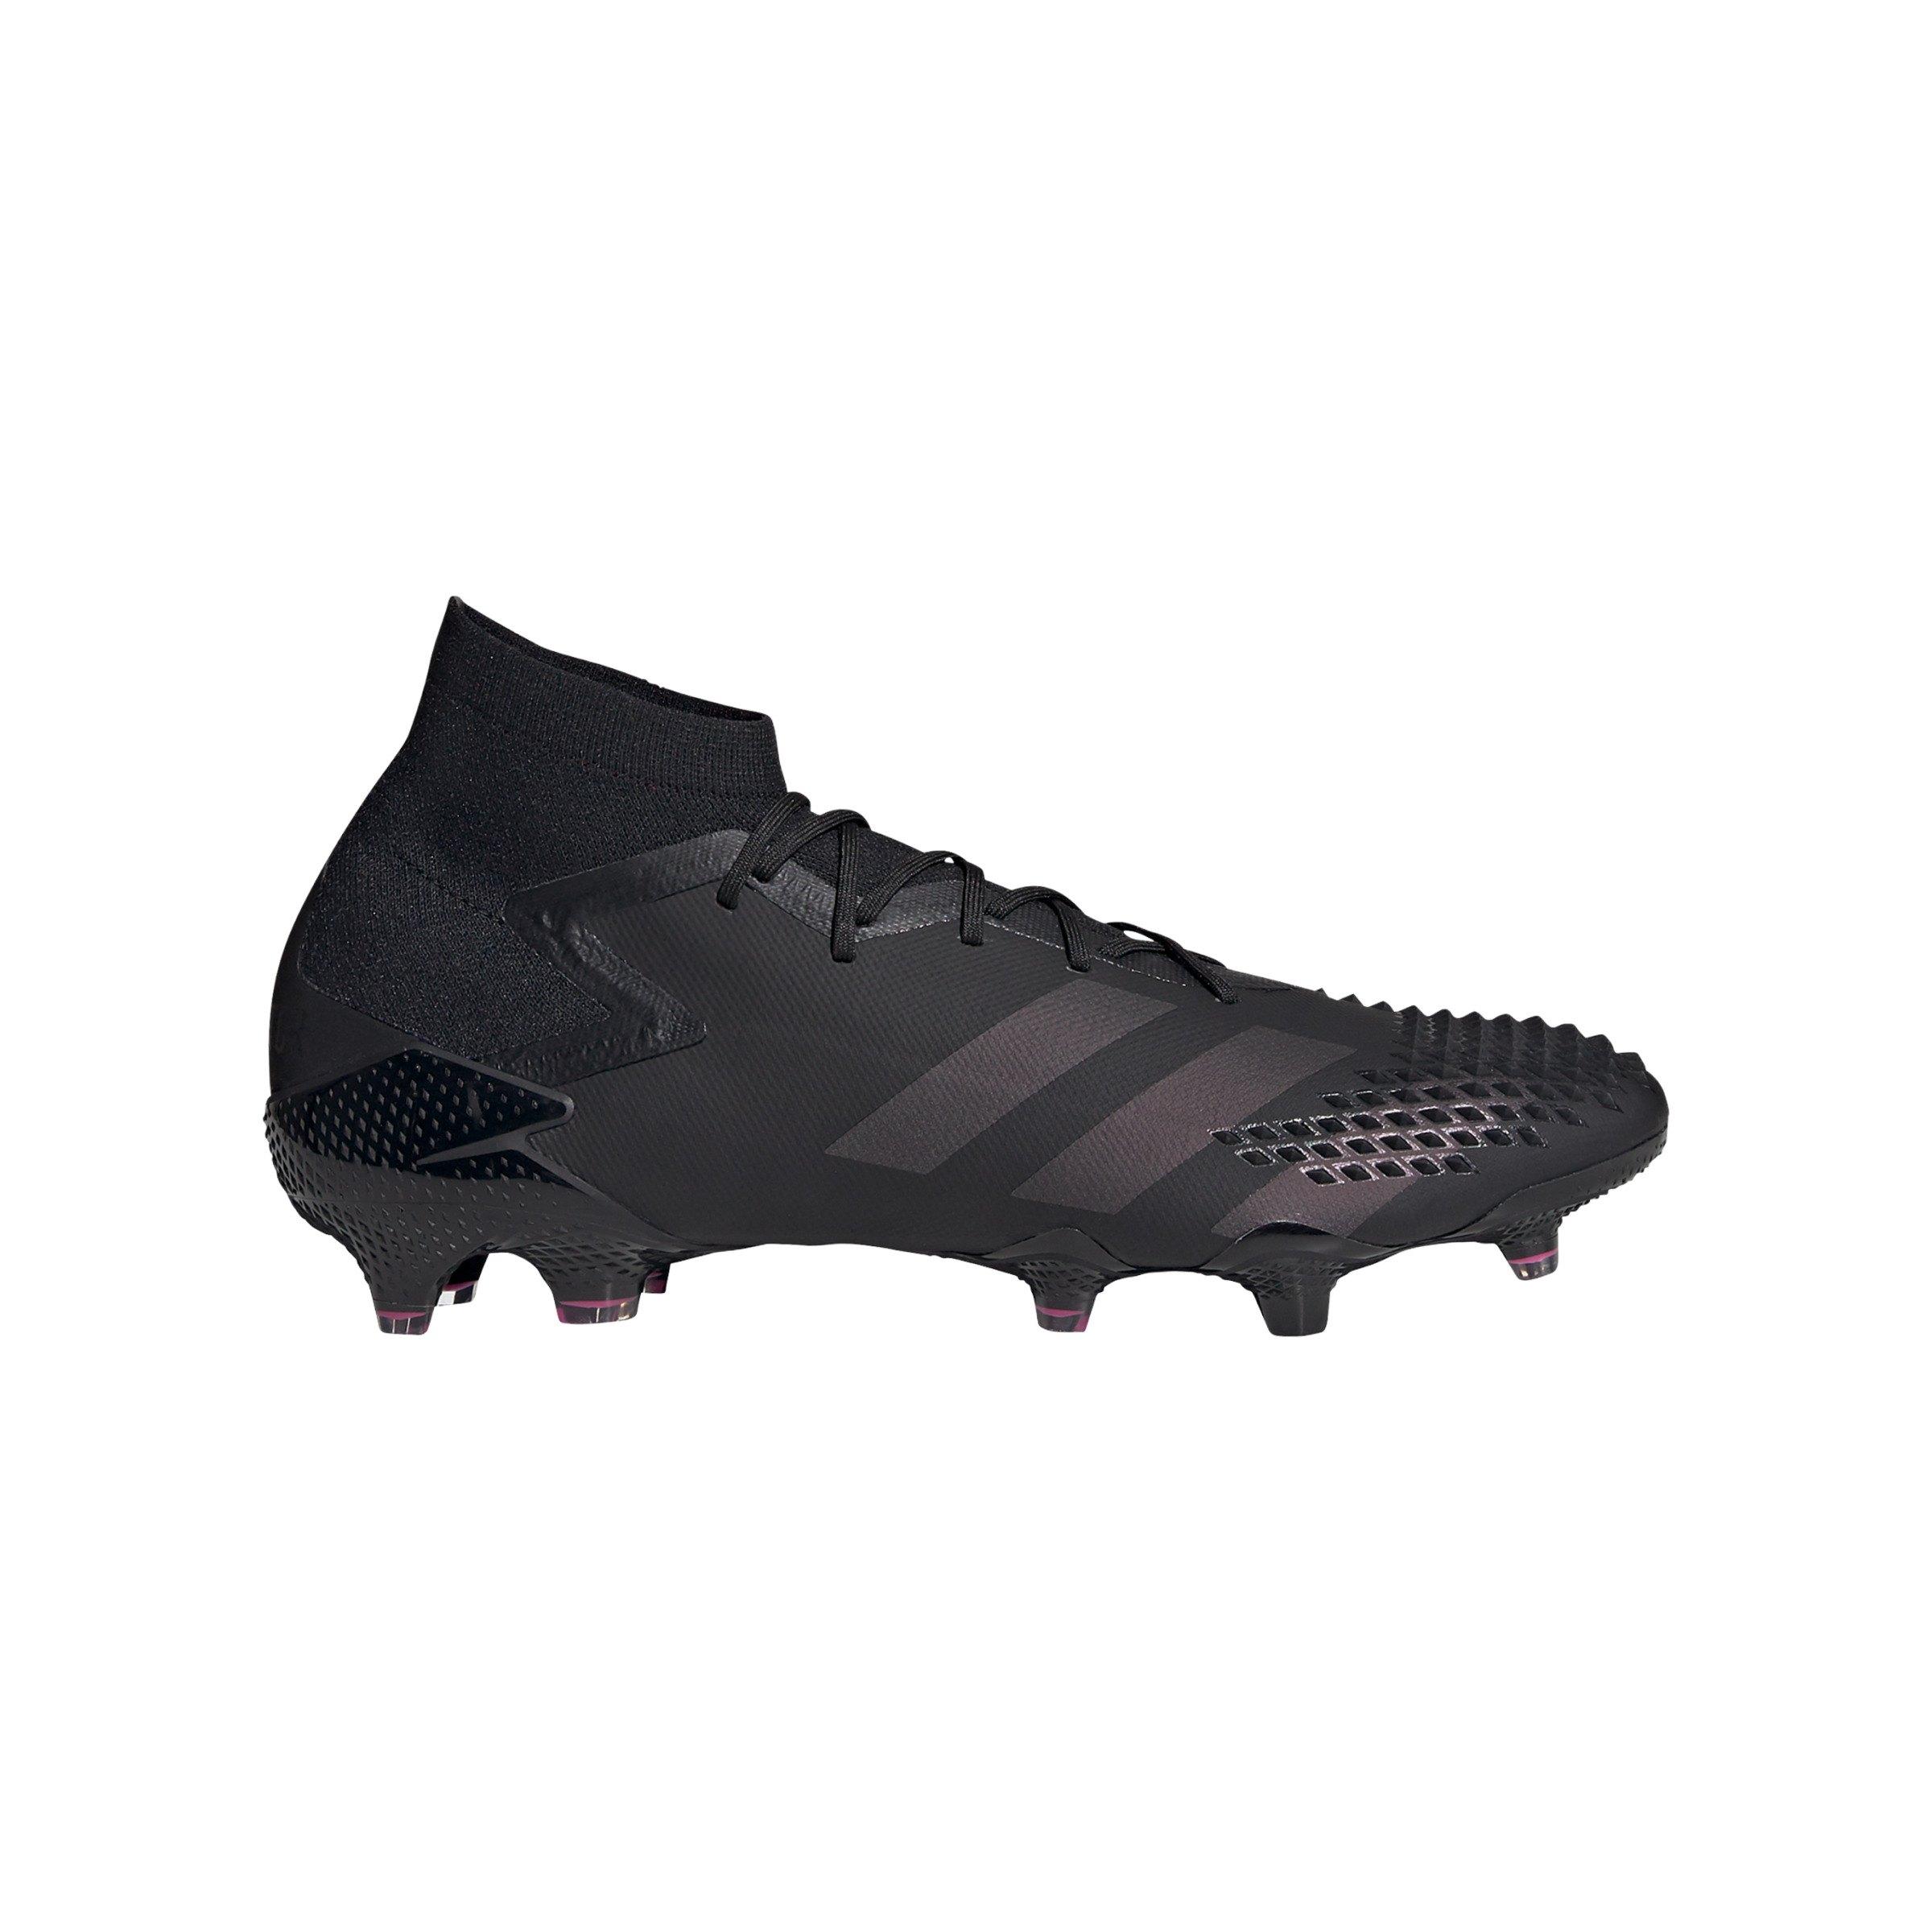 adidas Predator Dark Motion 20.1 FG Schwarz Pink - schwarz